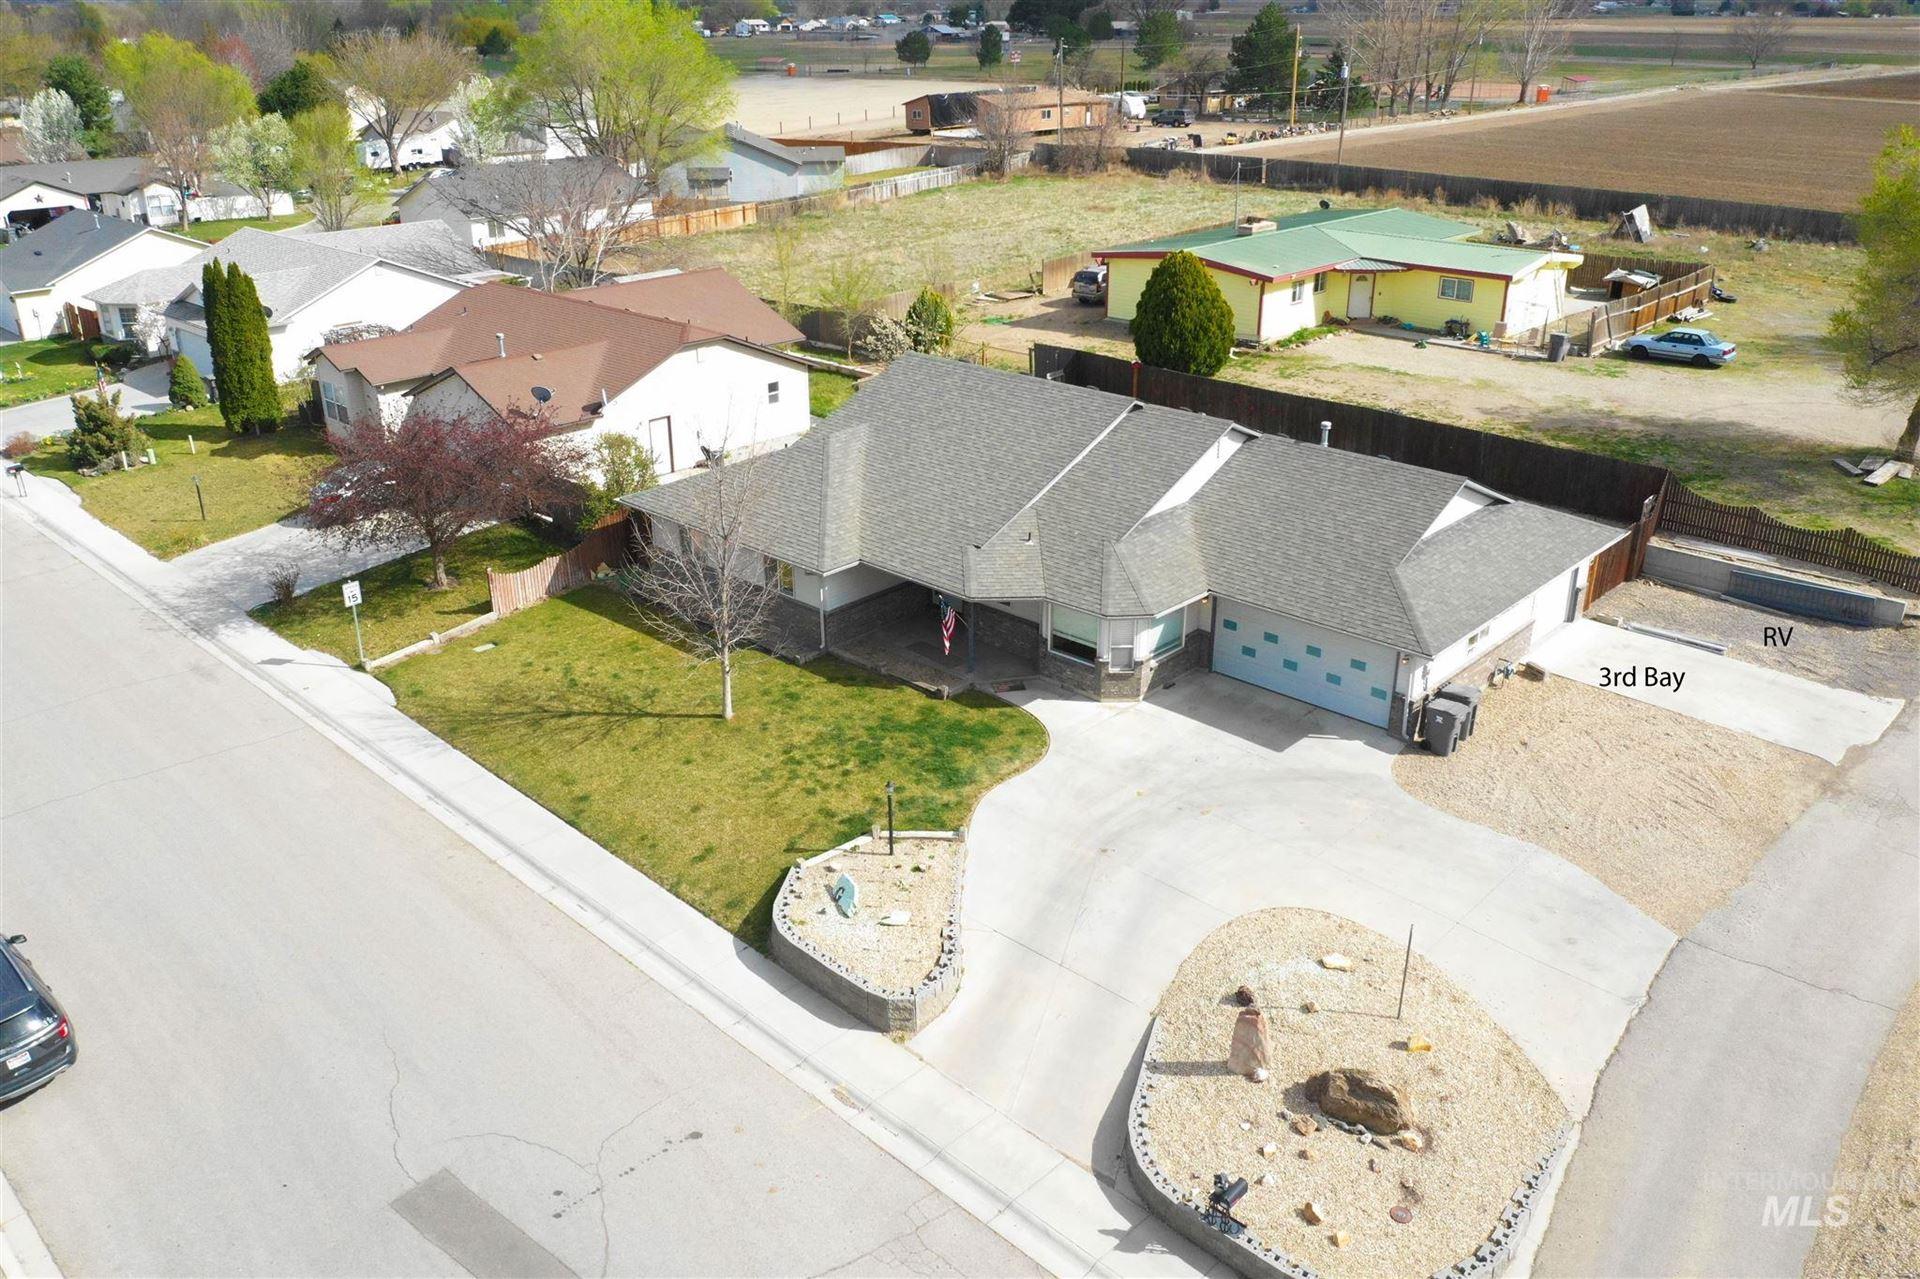 Photo of 319 W Utah Ave, Homedale, ID 83682 (MLS # 98798781)